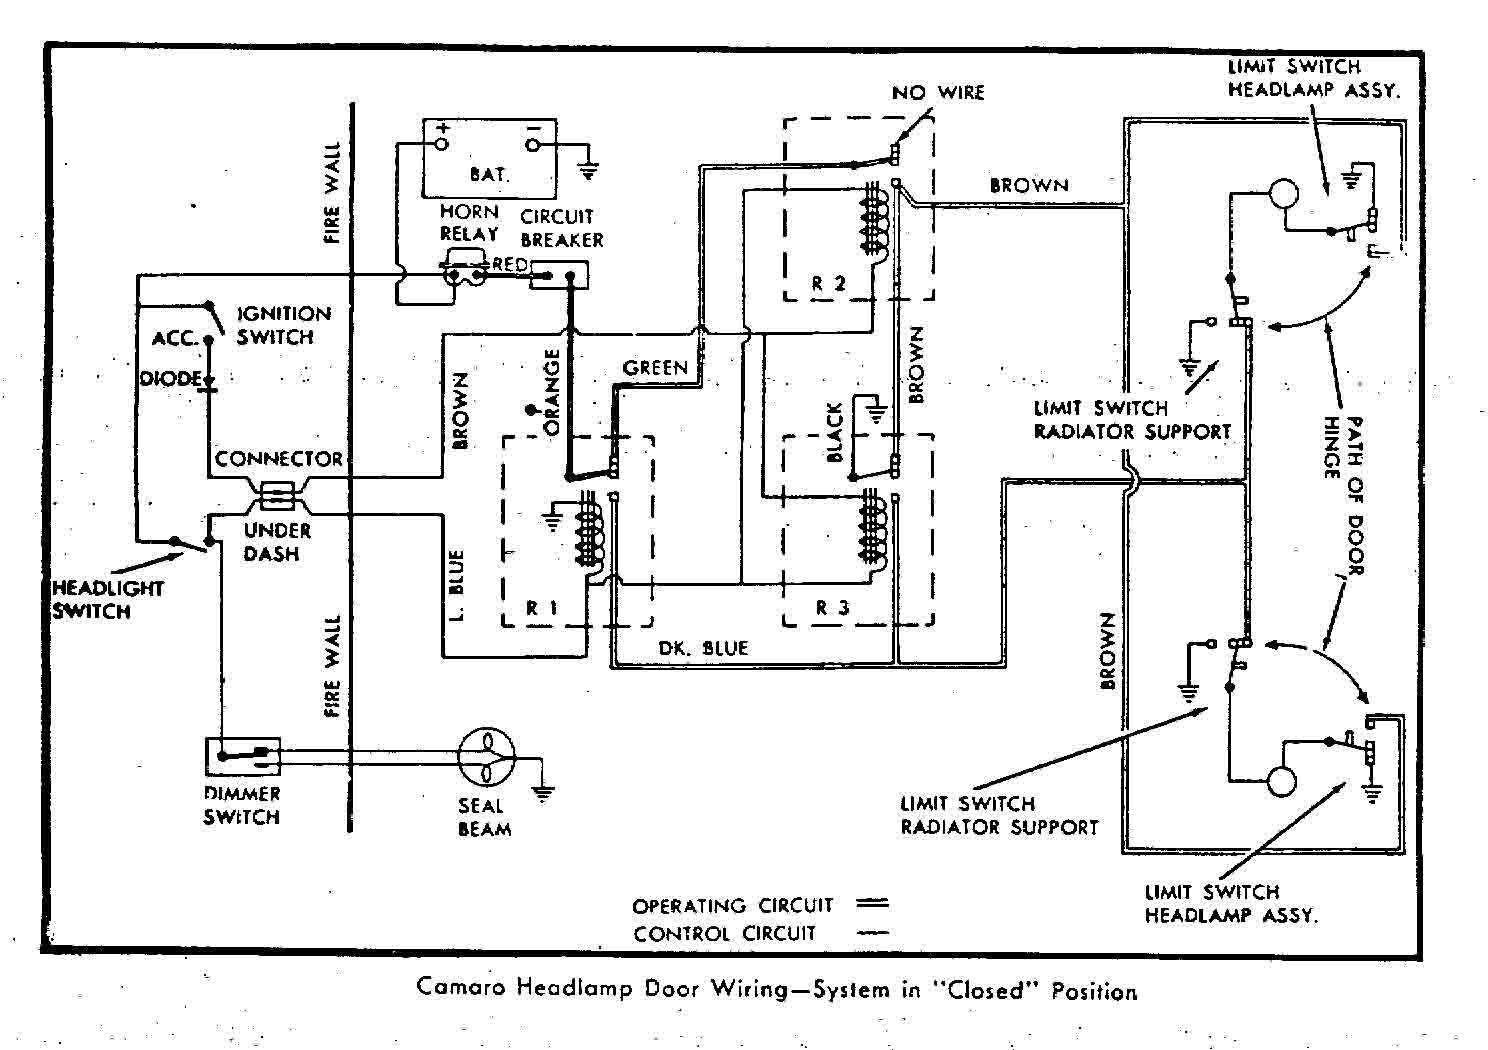 67 Camaro Wiring Harness Schematic | Online Wiring Diagram